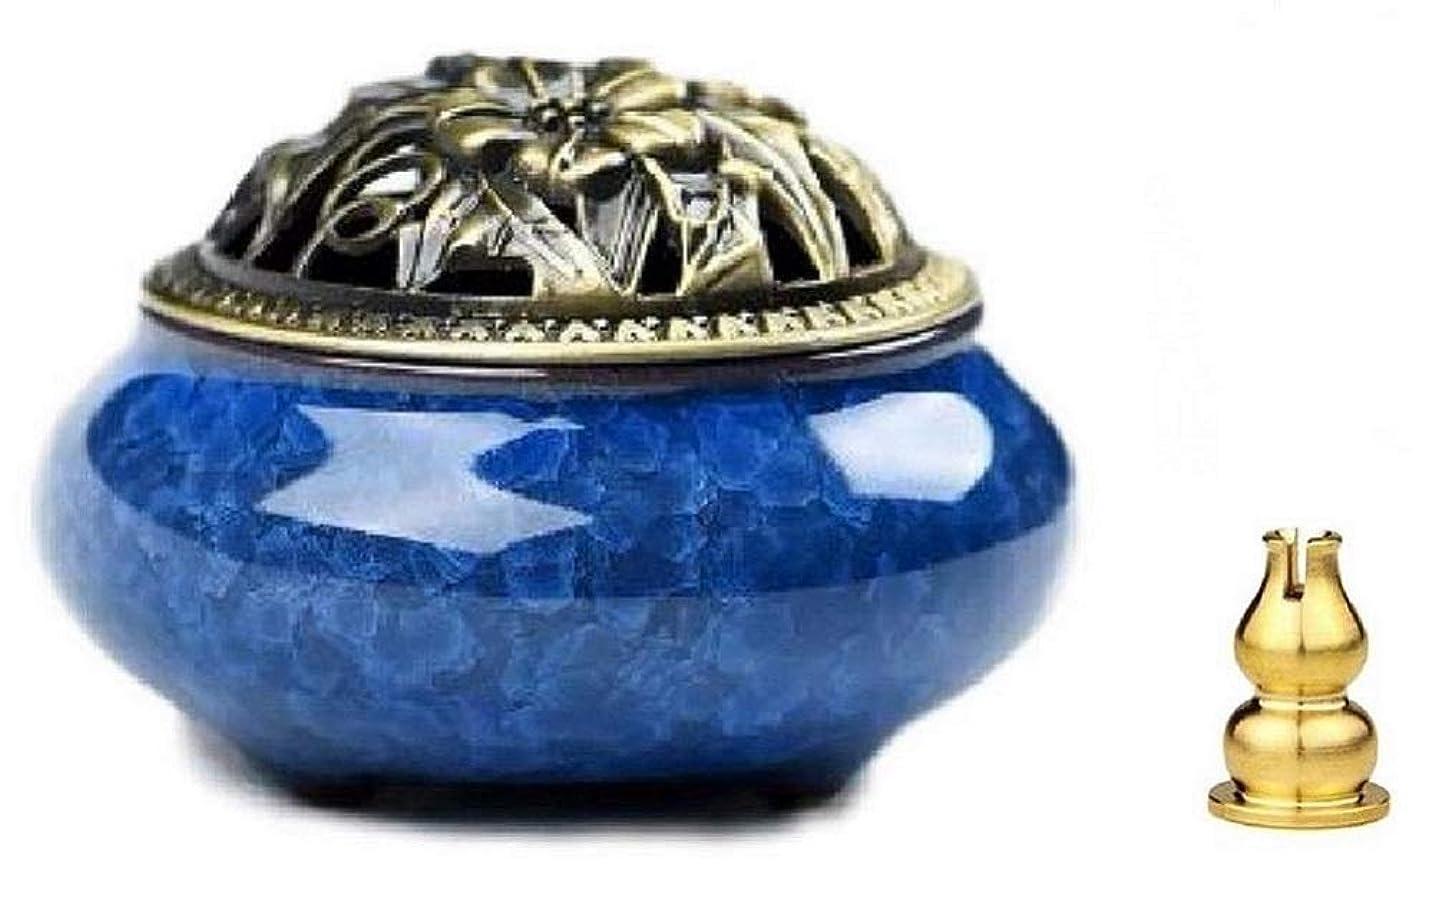 インスタント電気ピンポイント陶磁器 香炉 青磁 丸香炉 お香立て 渦巻き線香 アロマ などに 香立て付き (青色)